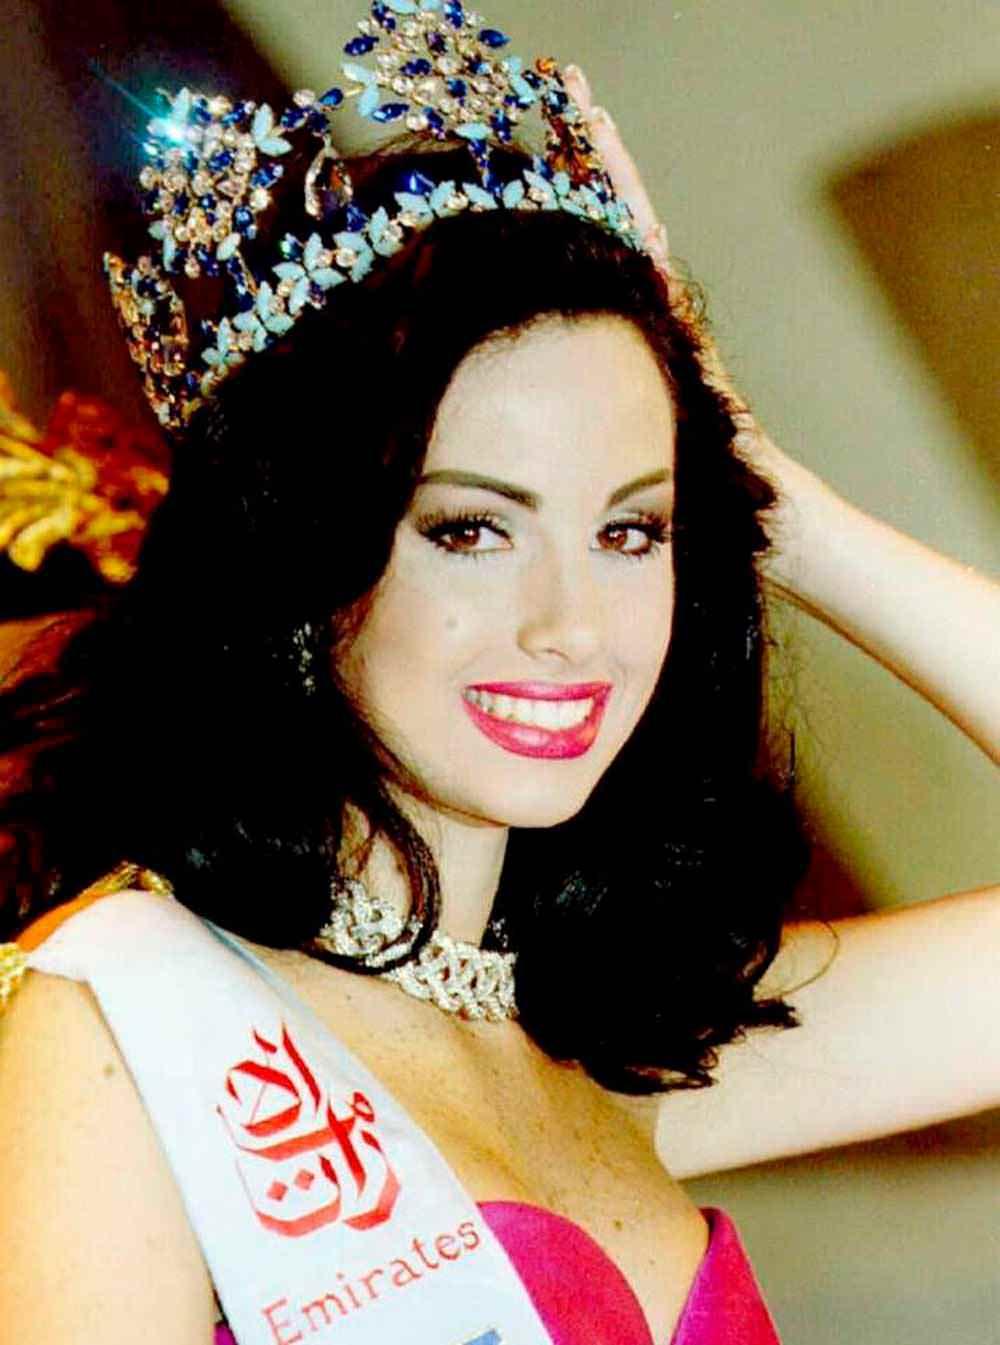 Фото | Мисс Мира 1995 года Жаклин Агилера